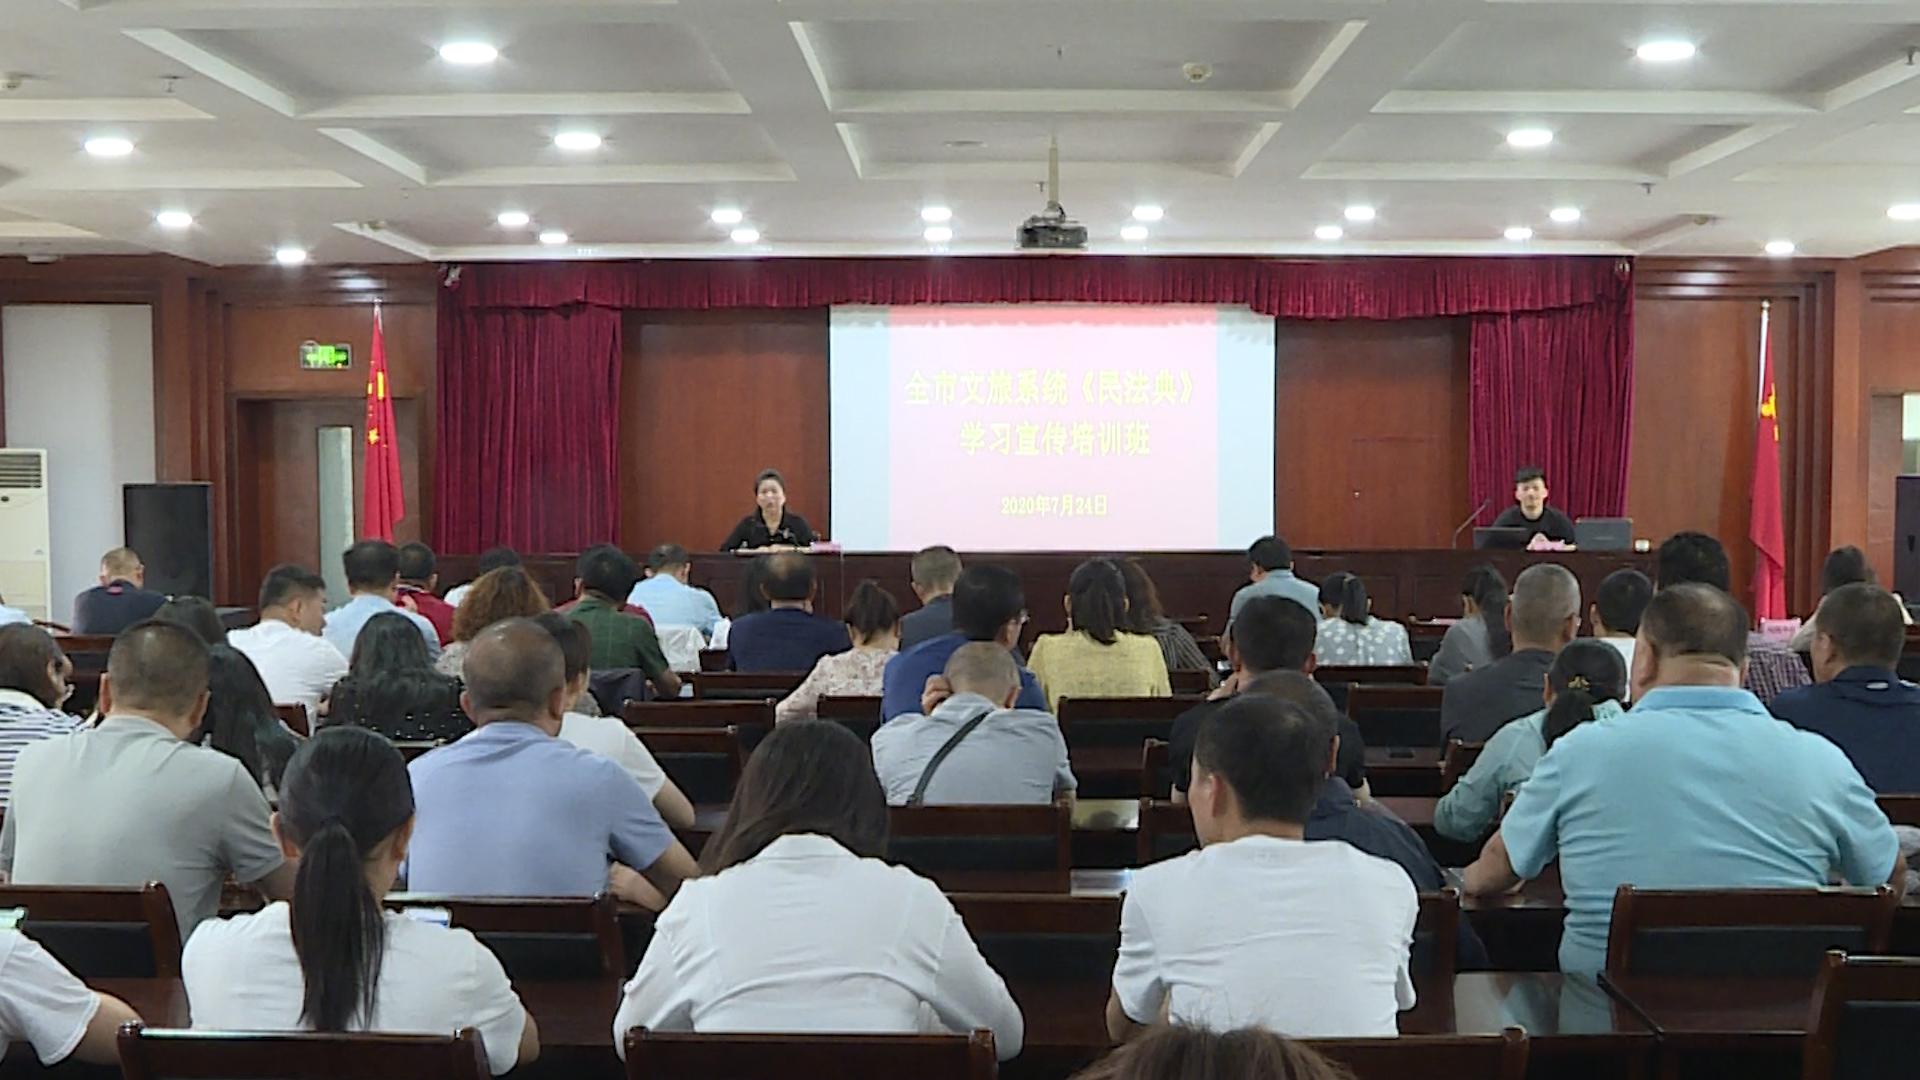 兰州市文旅局举办《民法典》学习宣传培训班